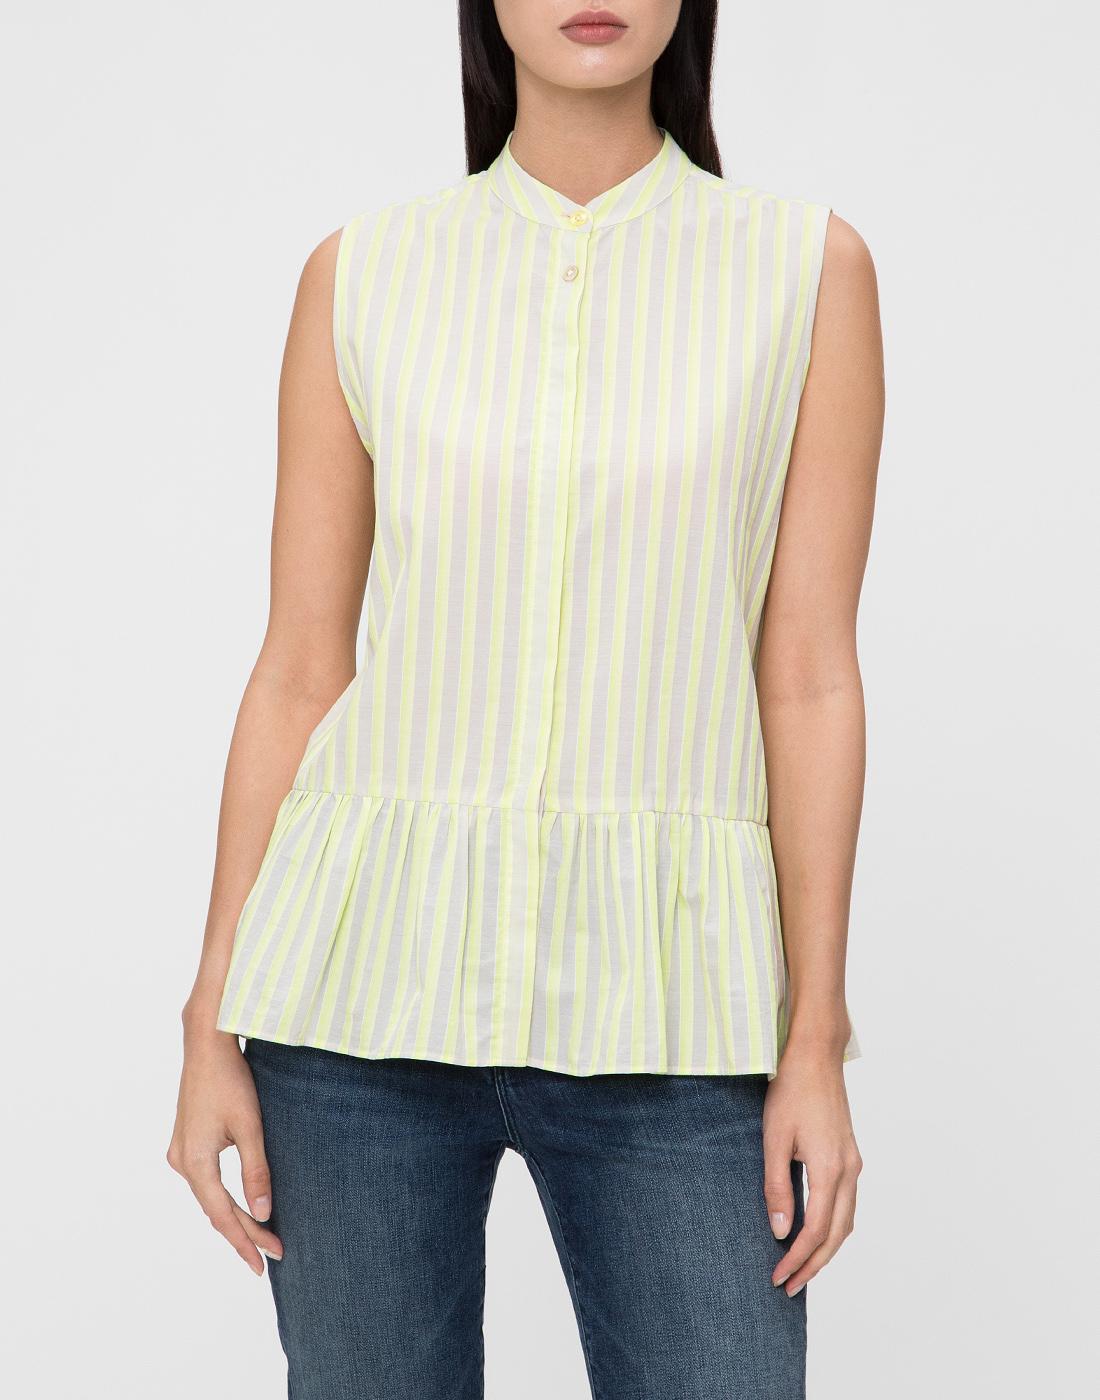 Женская блуза в полоску Paul Smith S095M/864-2